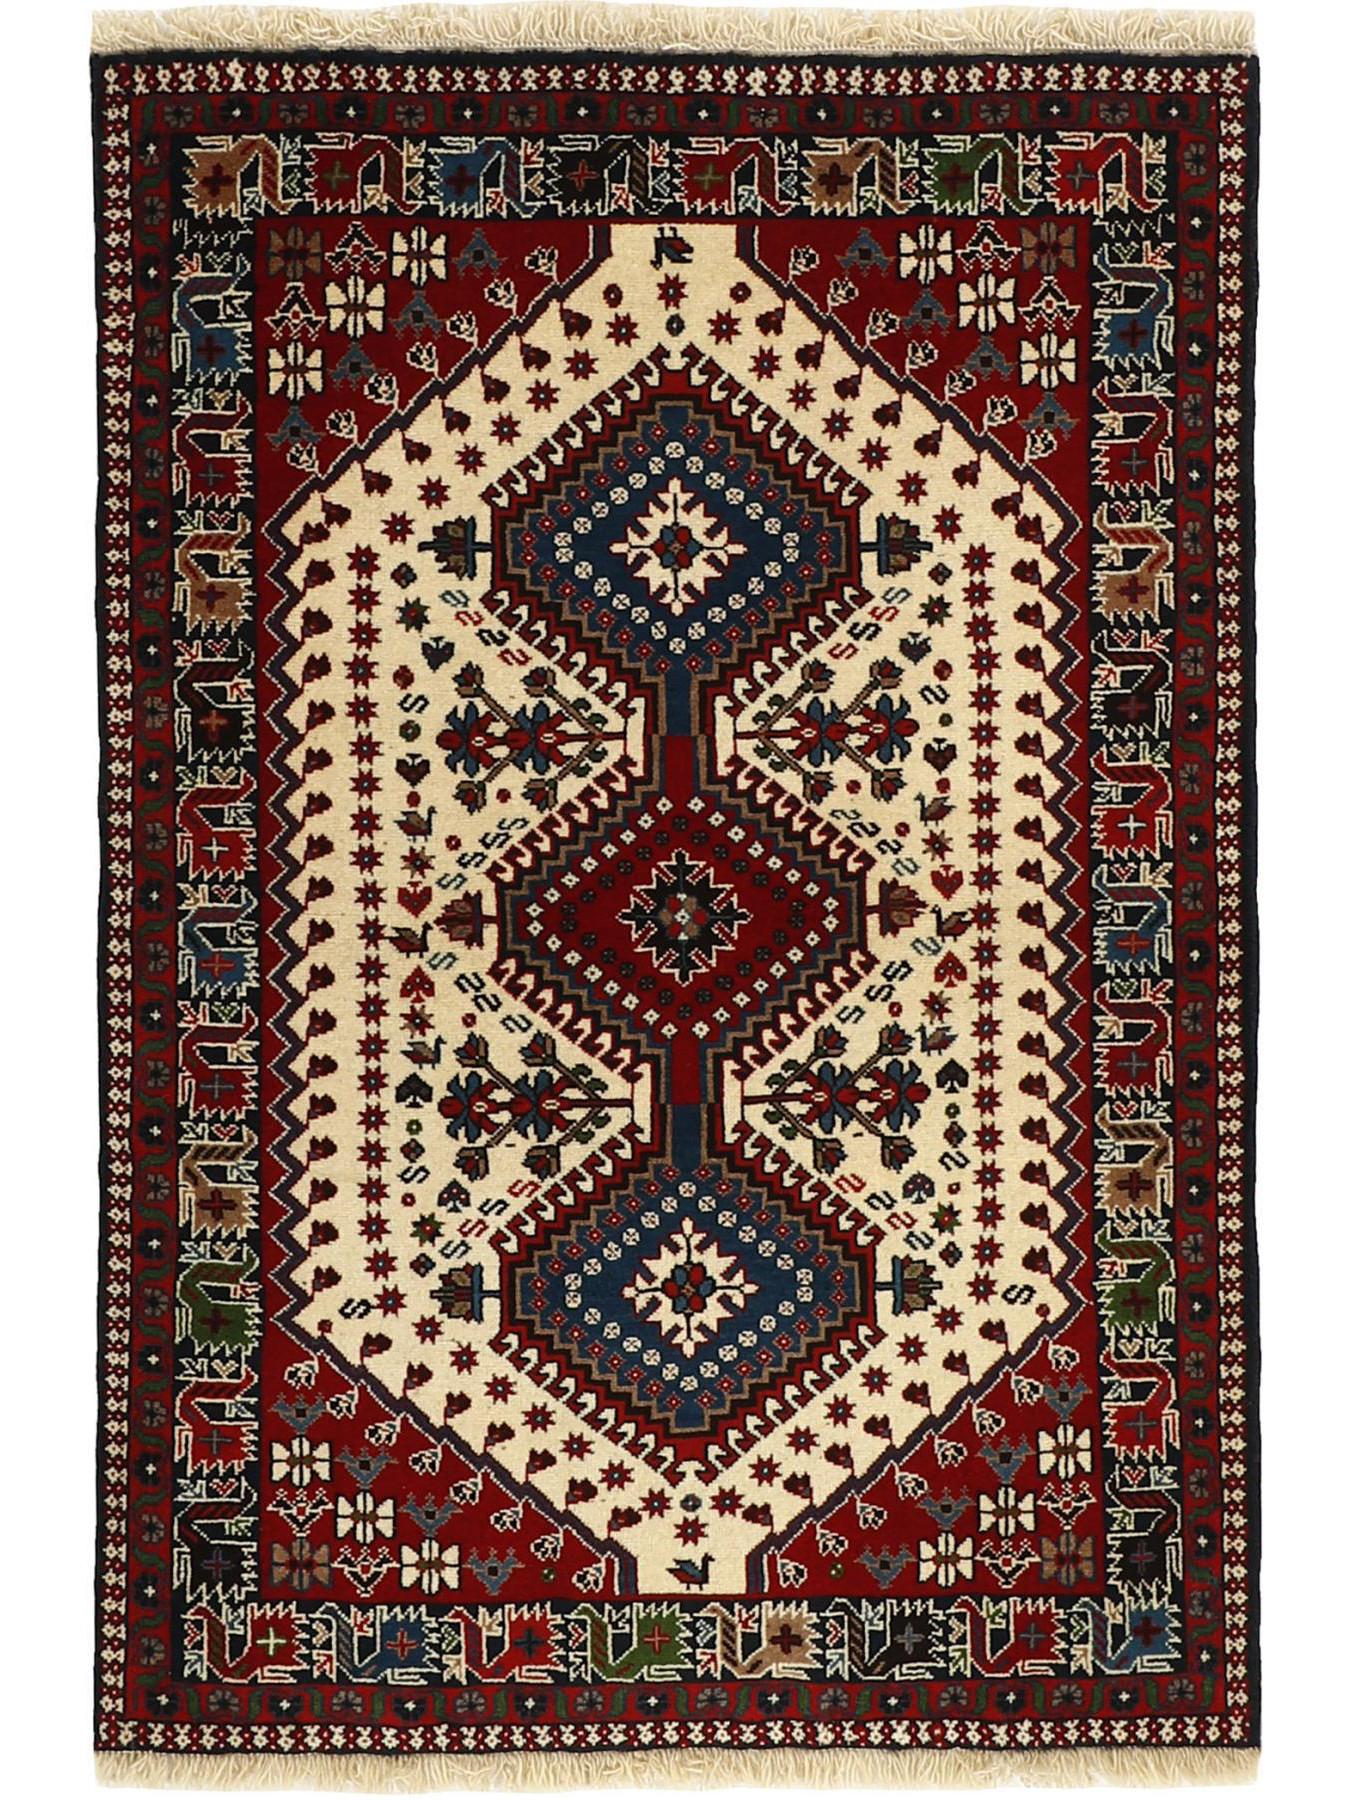 Tapis persans - Yalameh